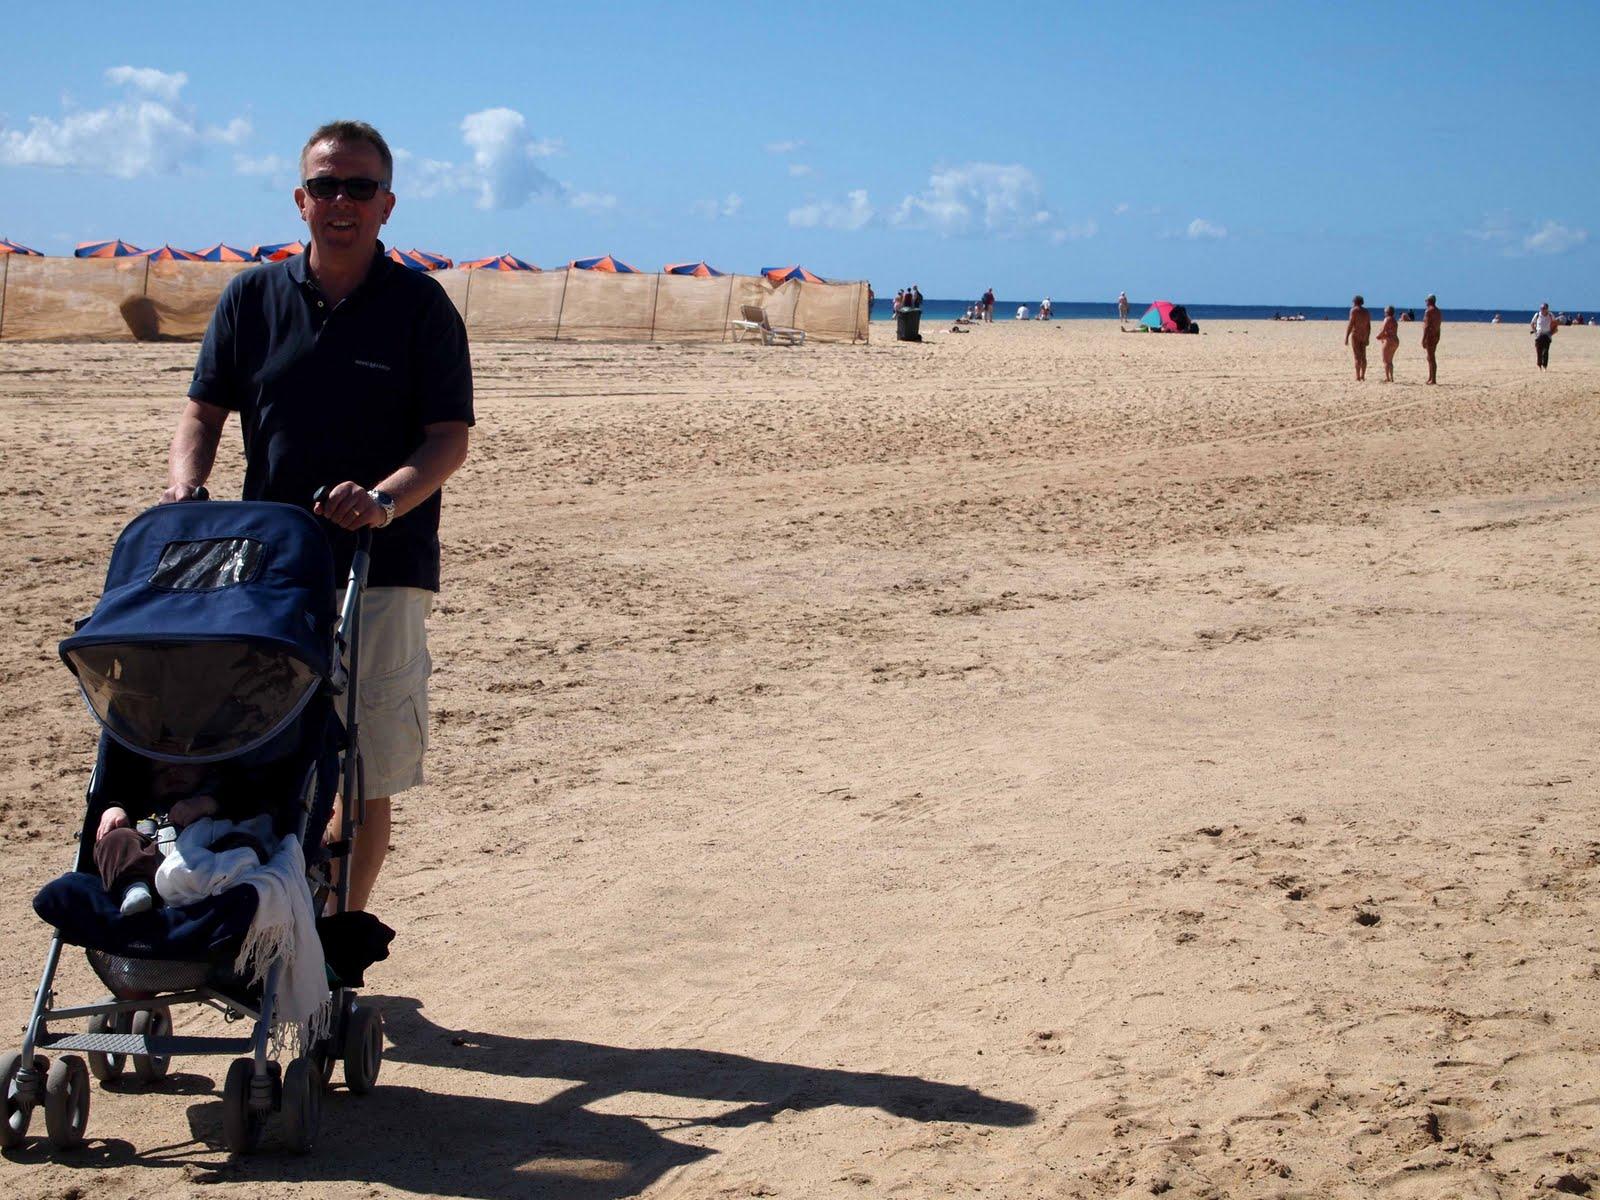 Naken på stranden